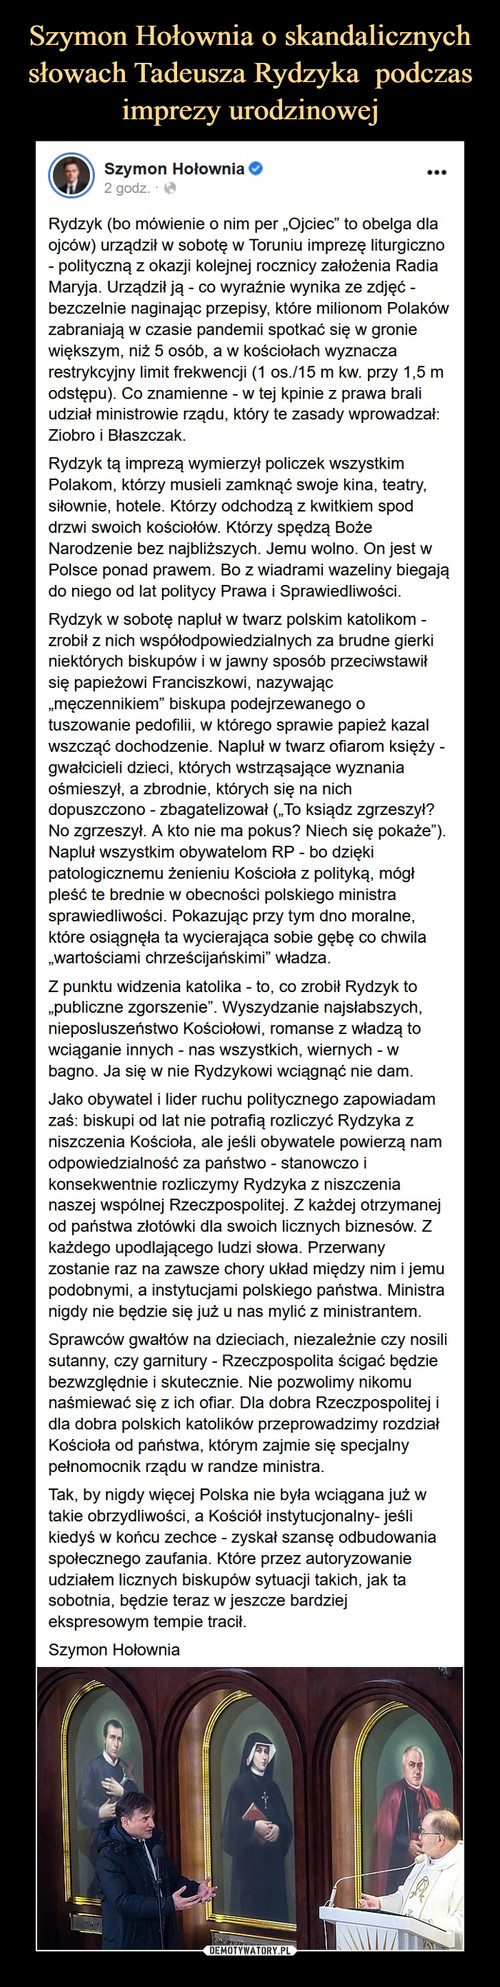 Szymon Hołownia o skandalicznych słowach Tadeusza Rydzyka  podczas imprezy urodzinowej